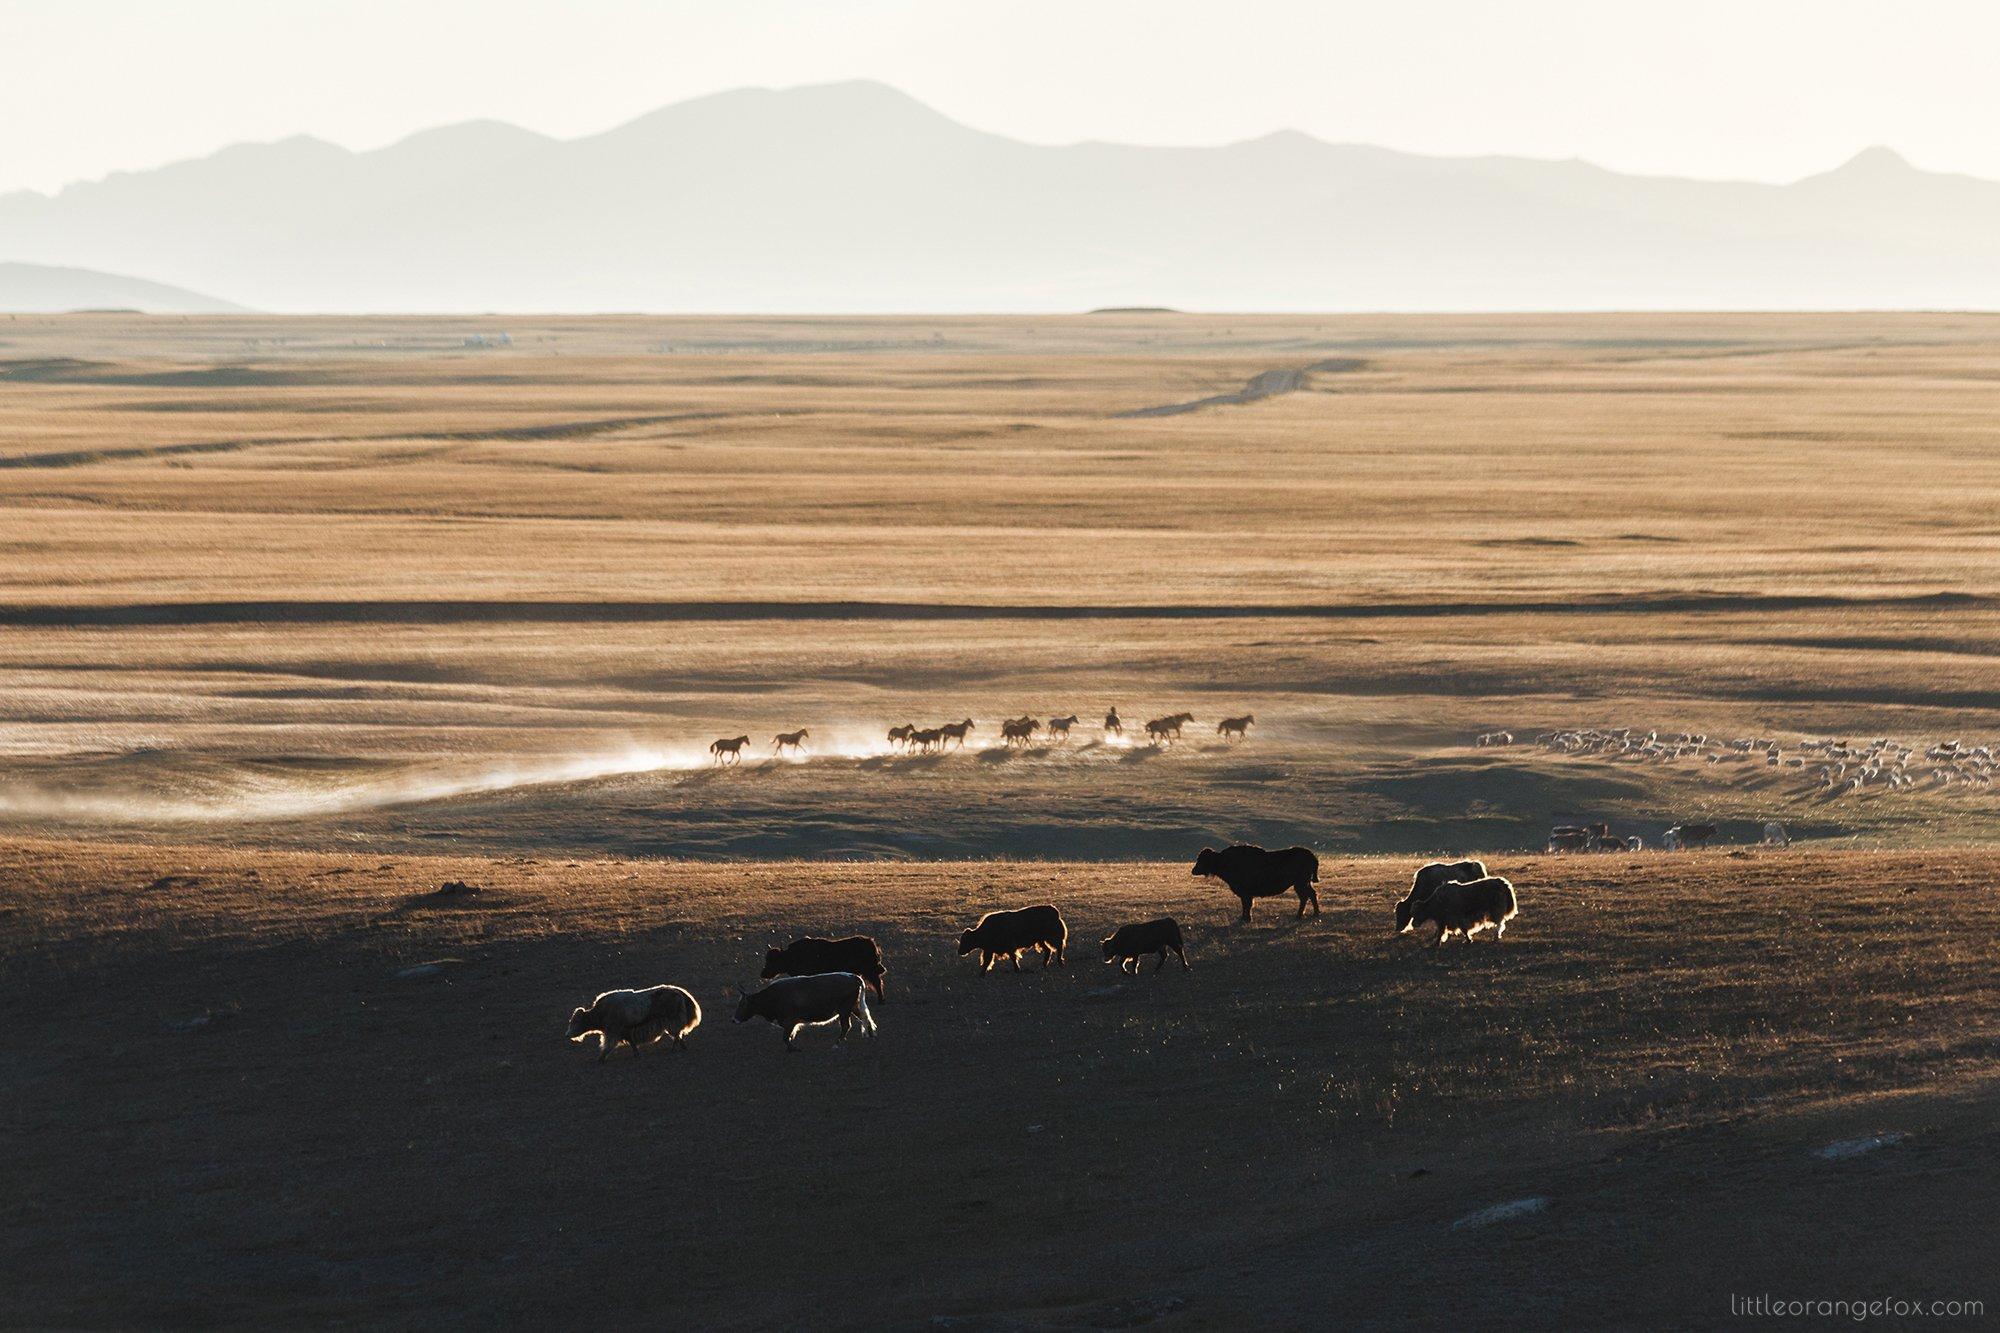 кыргызстан, степь, закат, яки, лошади, природа, пейзаж, контровый свет, холмы, Осадчая Алеся